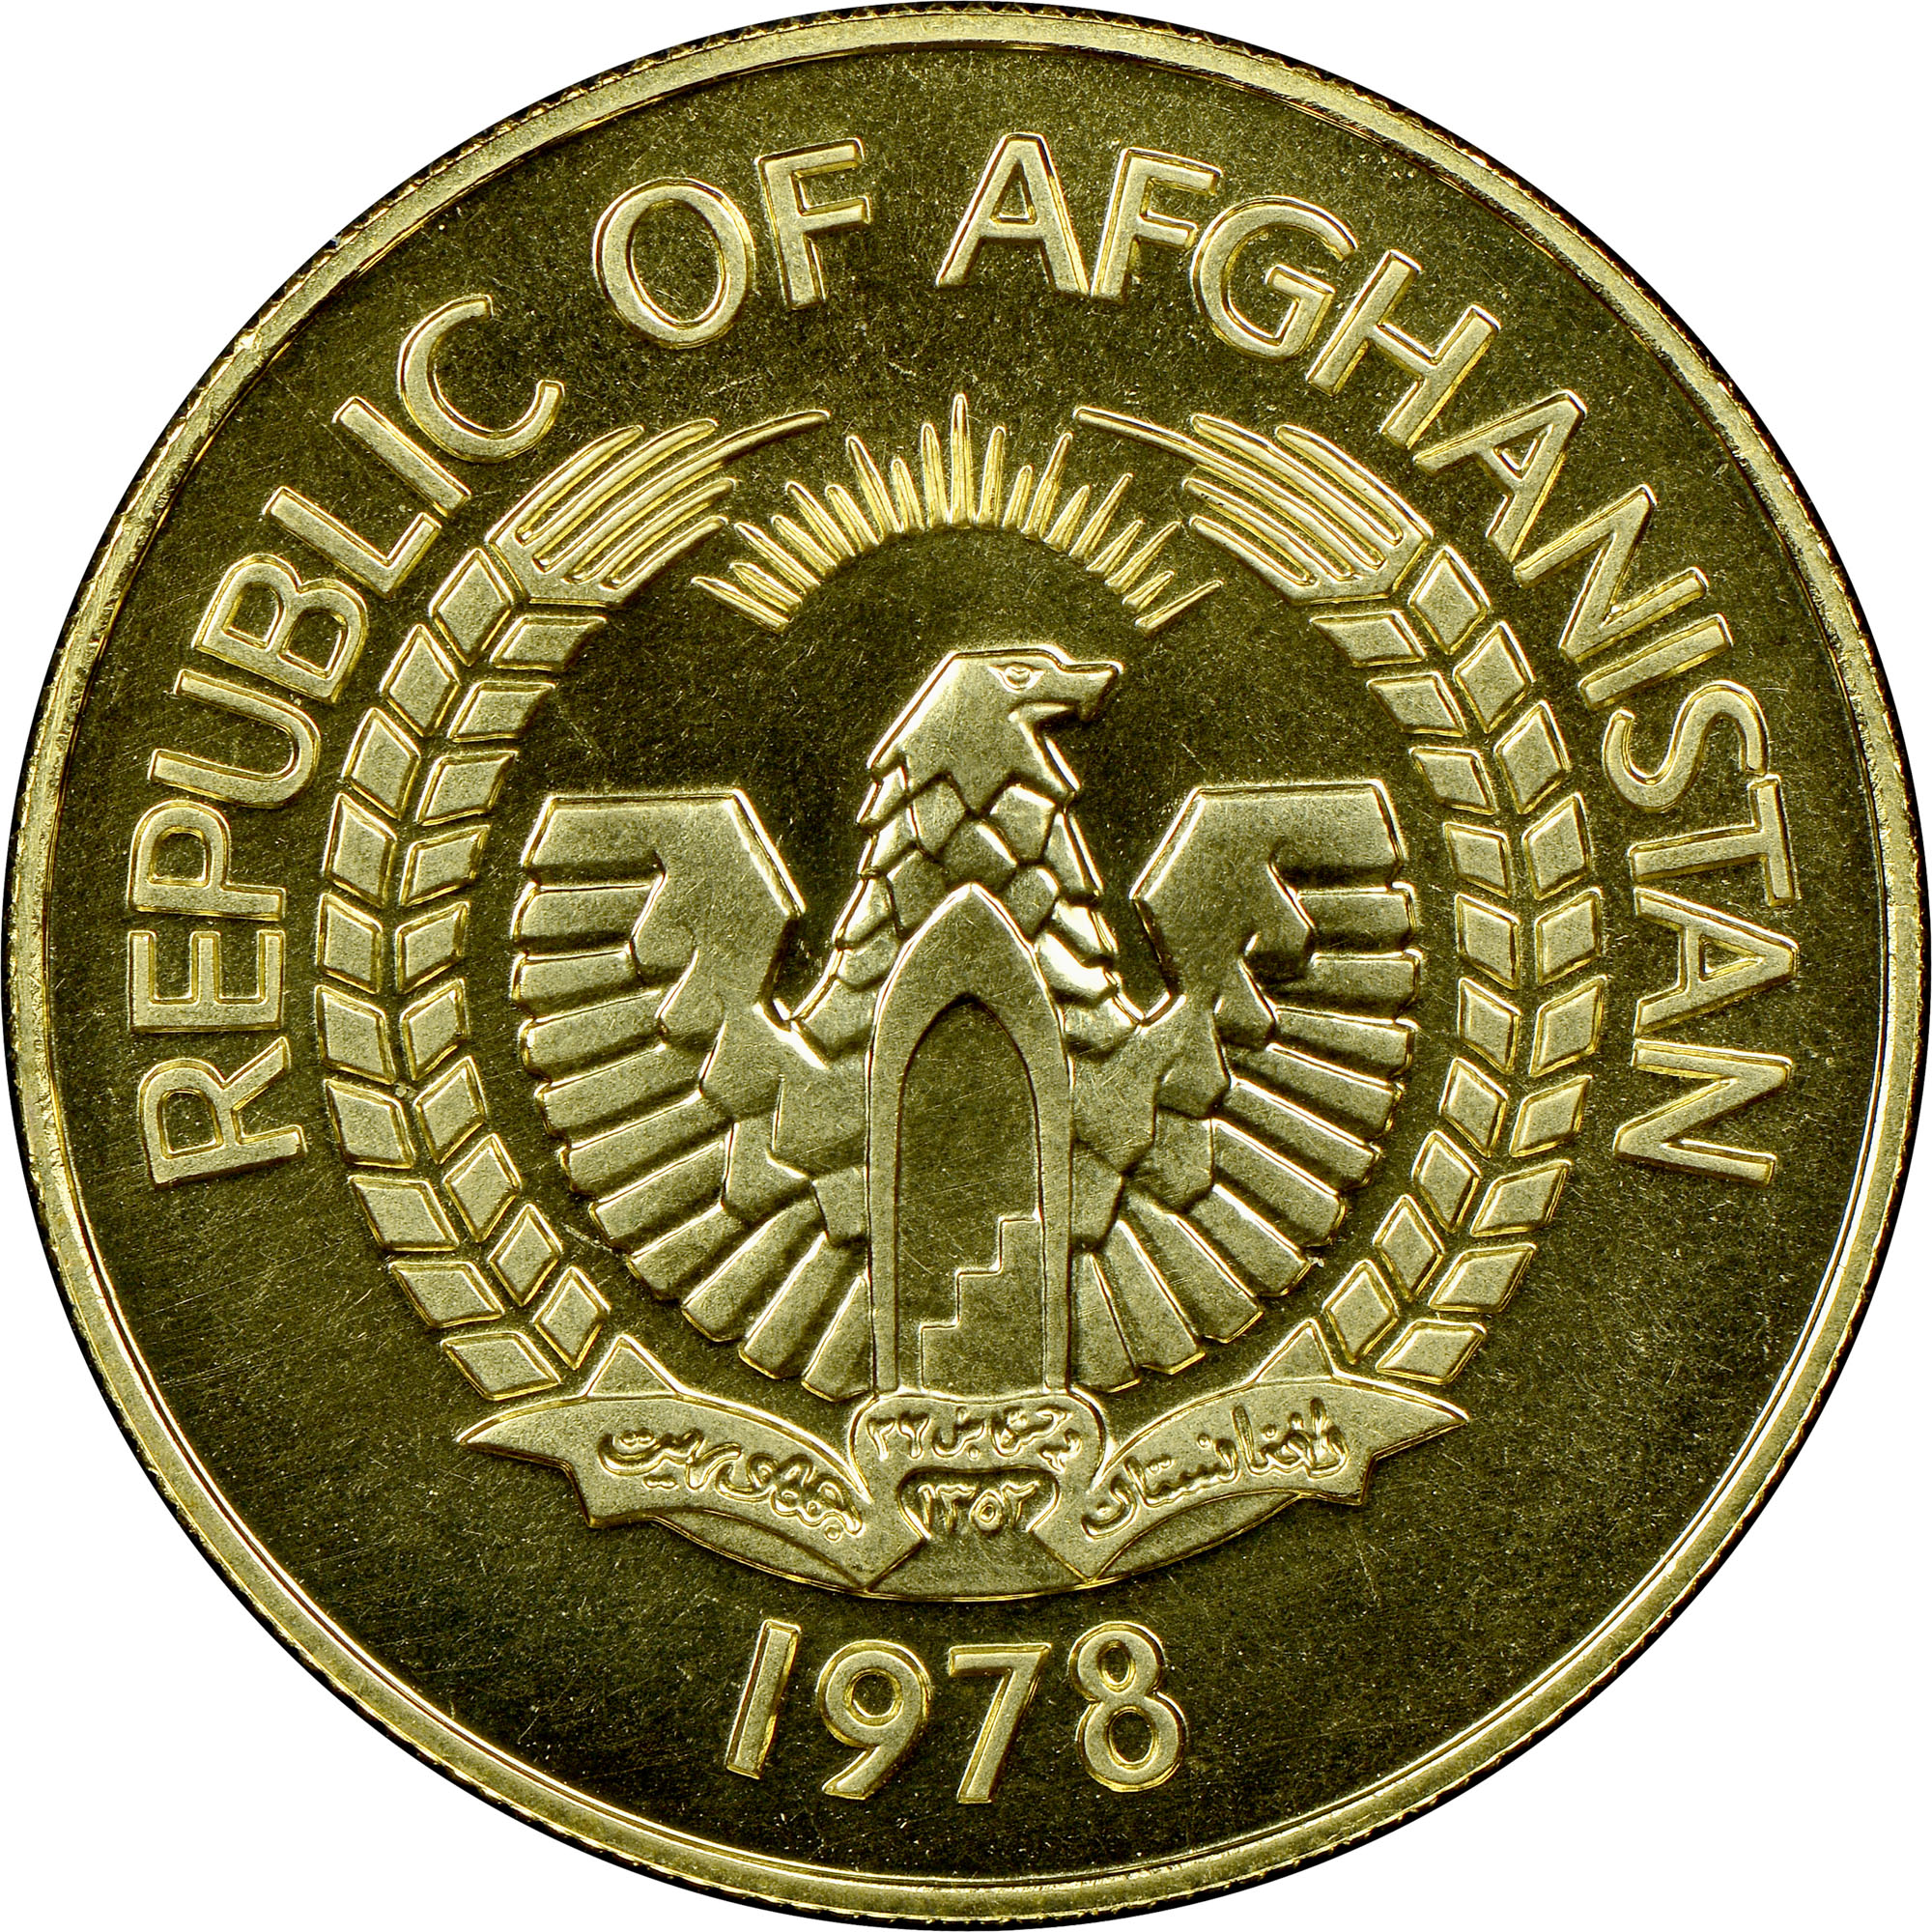 1978 Afghanistan 10000 Afghanis obverse